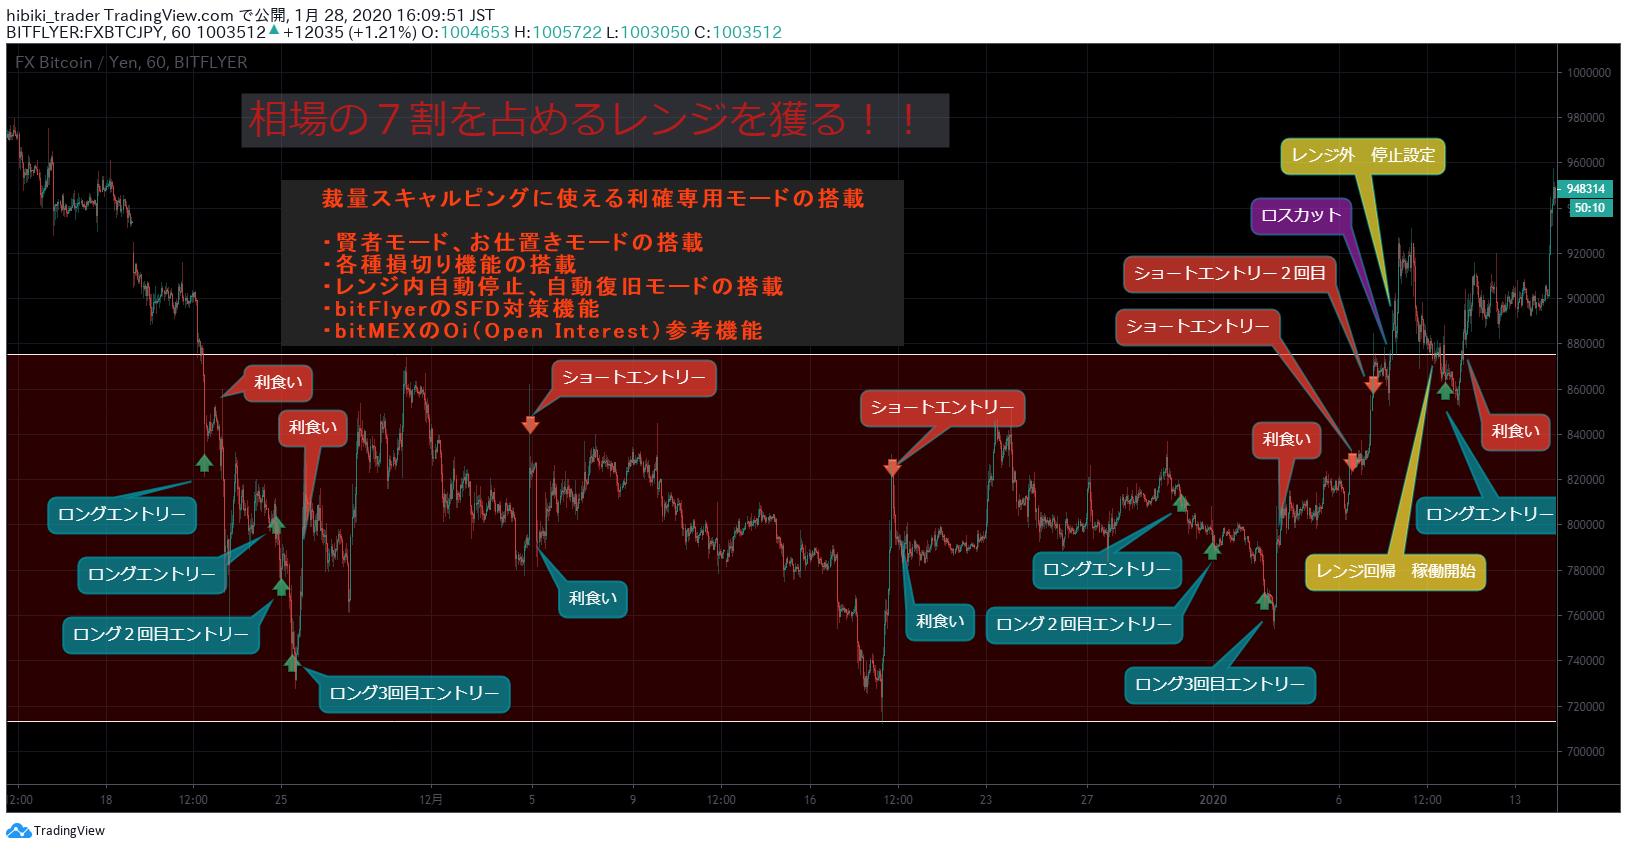 ビットフライヤー(bitFlyer)でのビットコインの買い方・購入方法は? | 仮想通貨ポータル